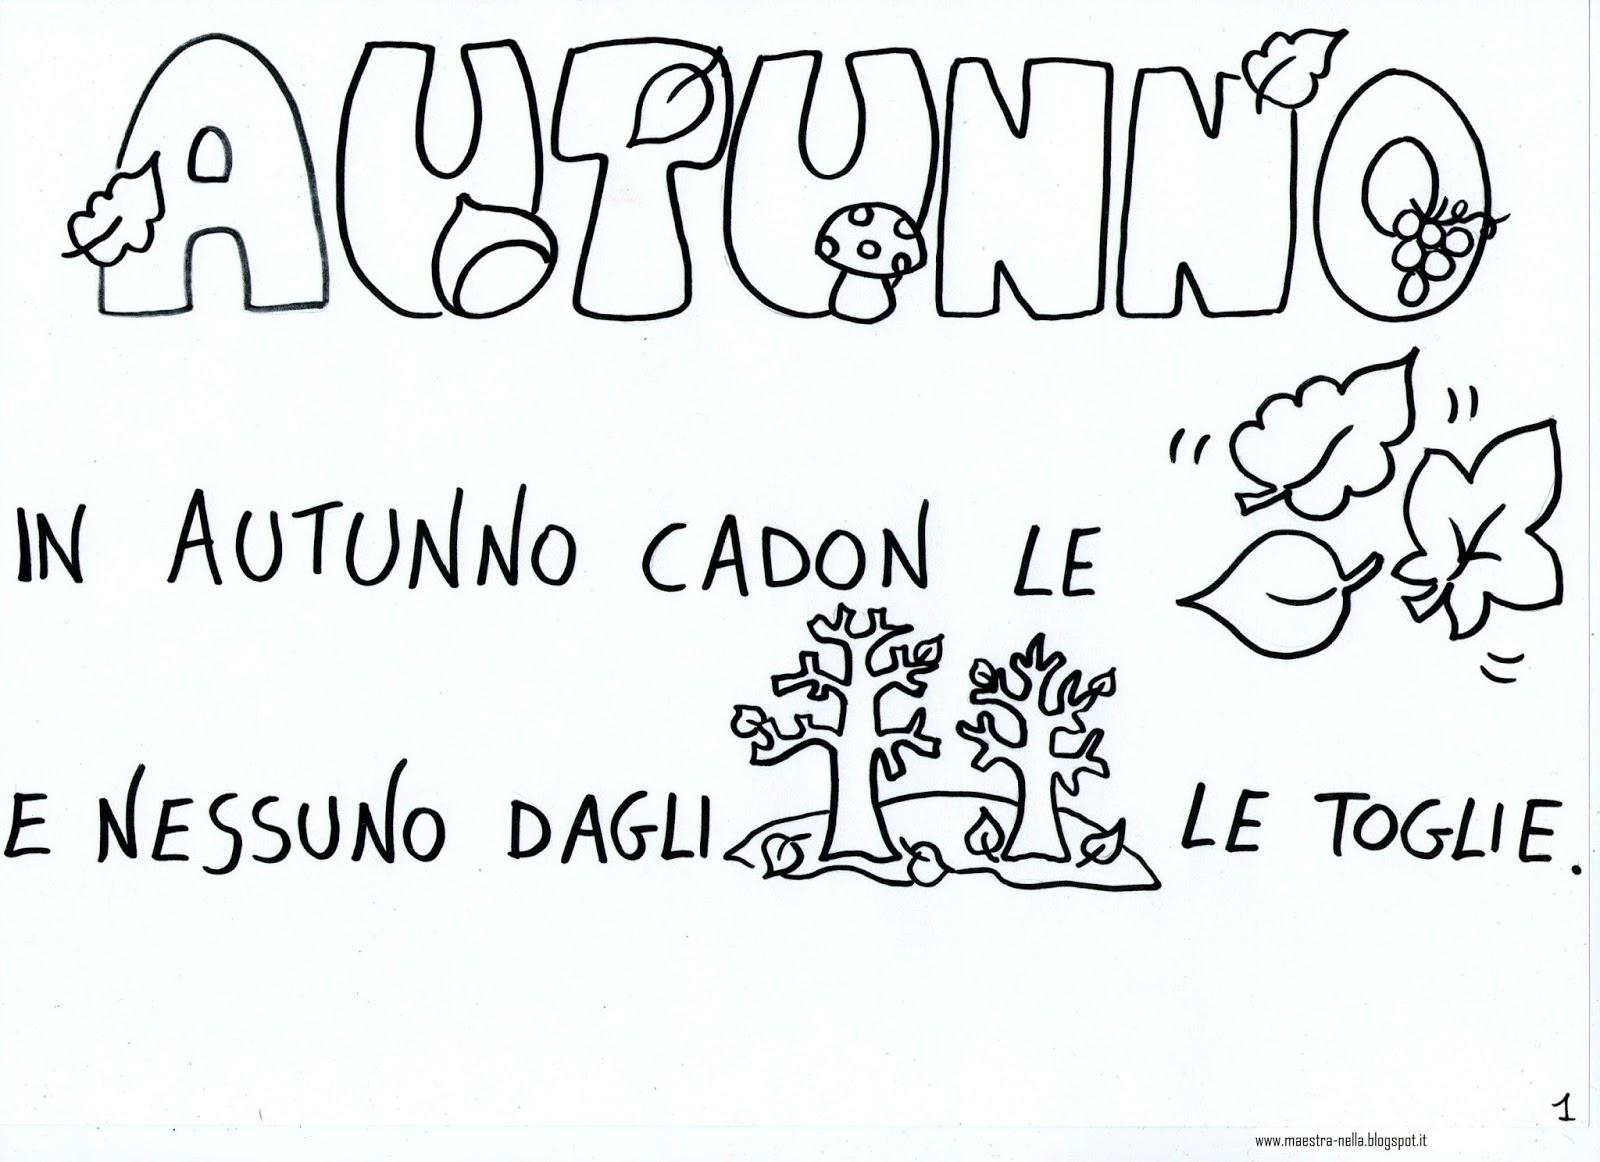 Exceptionnel maestra Nella: Autunno - poesia illustrata EN21